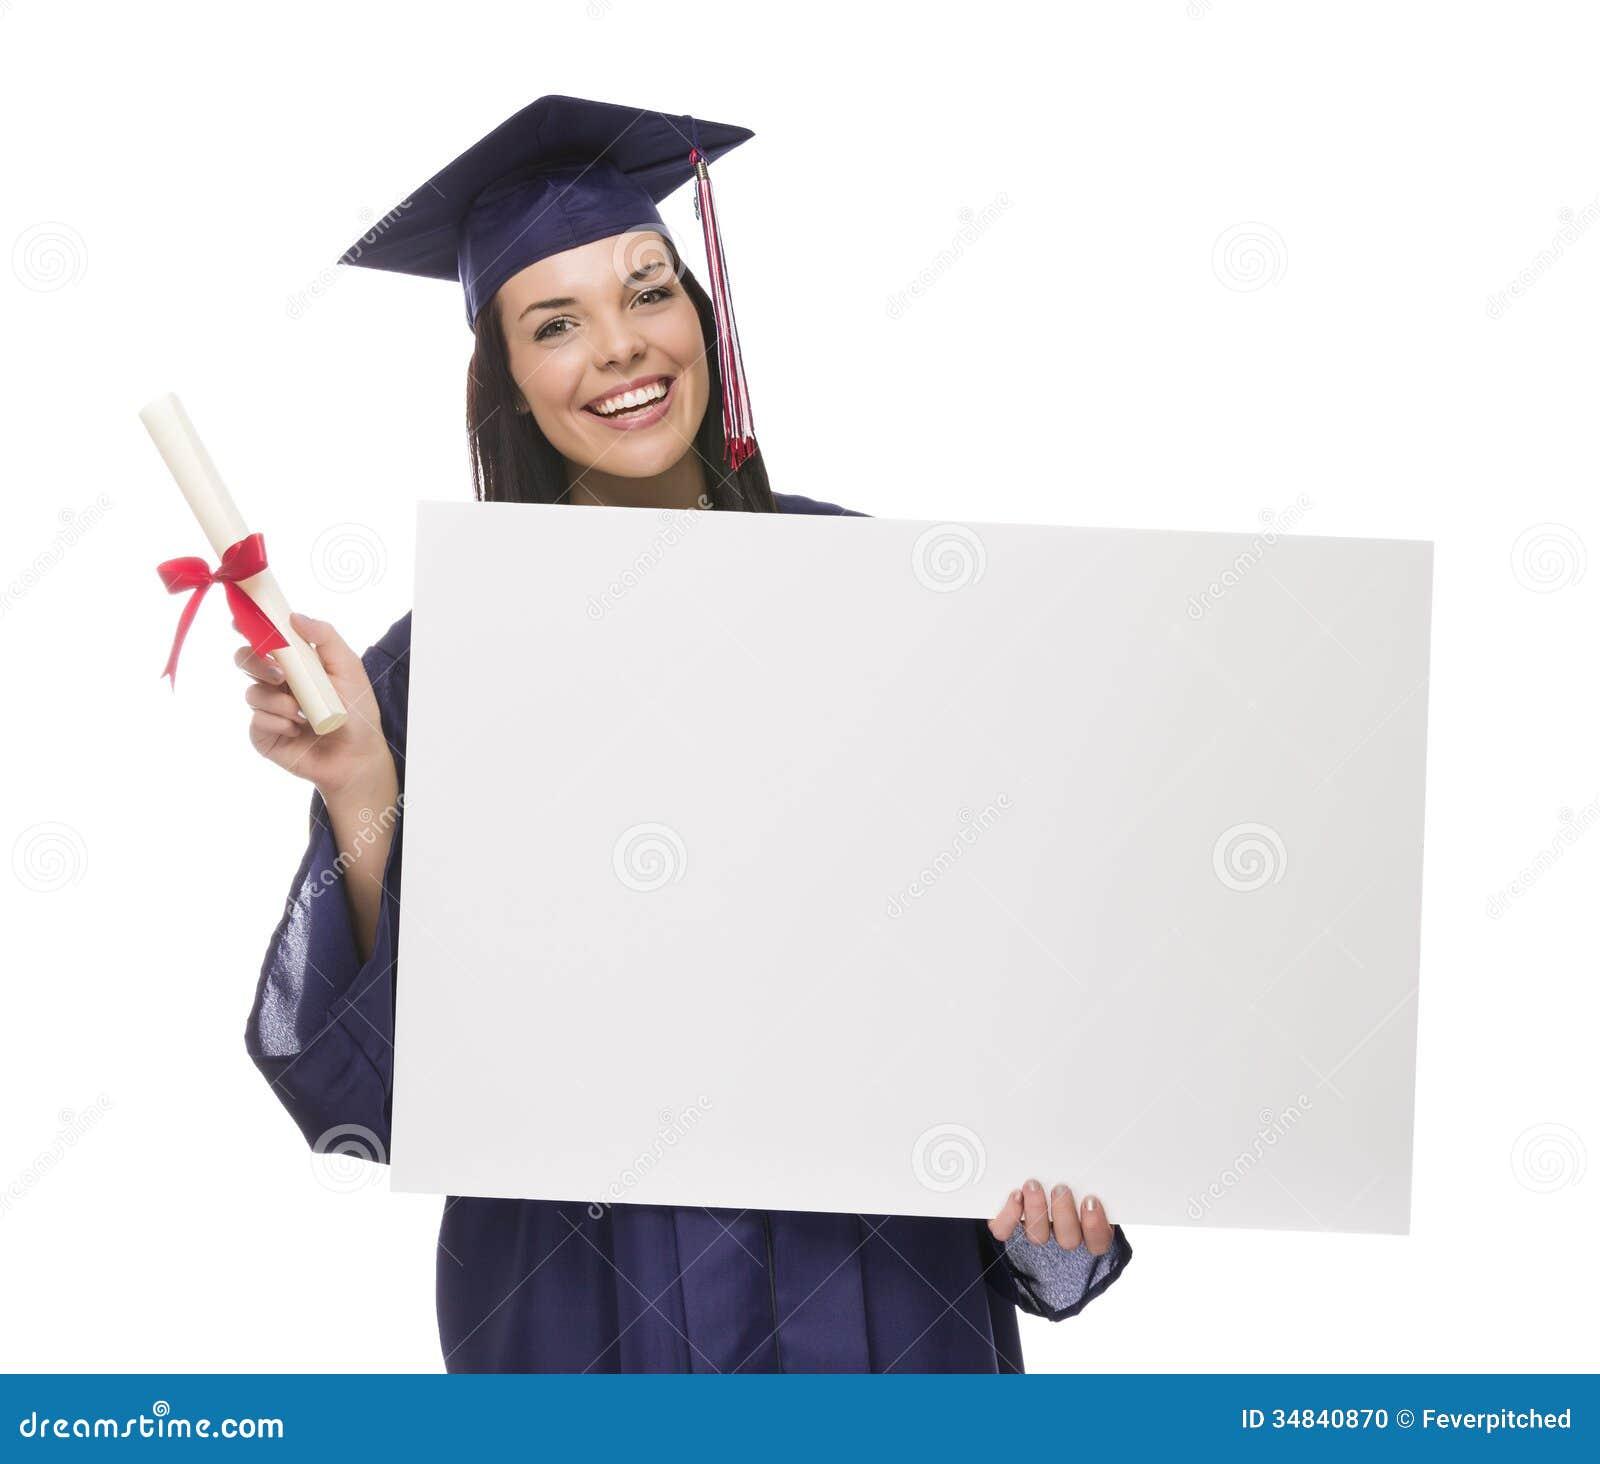 Студент выпускник женщины в крышке и мантии держа пустой знак  Студент выпускник женщины в крышке и мантии держа пустой знак диплом